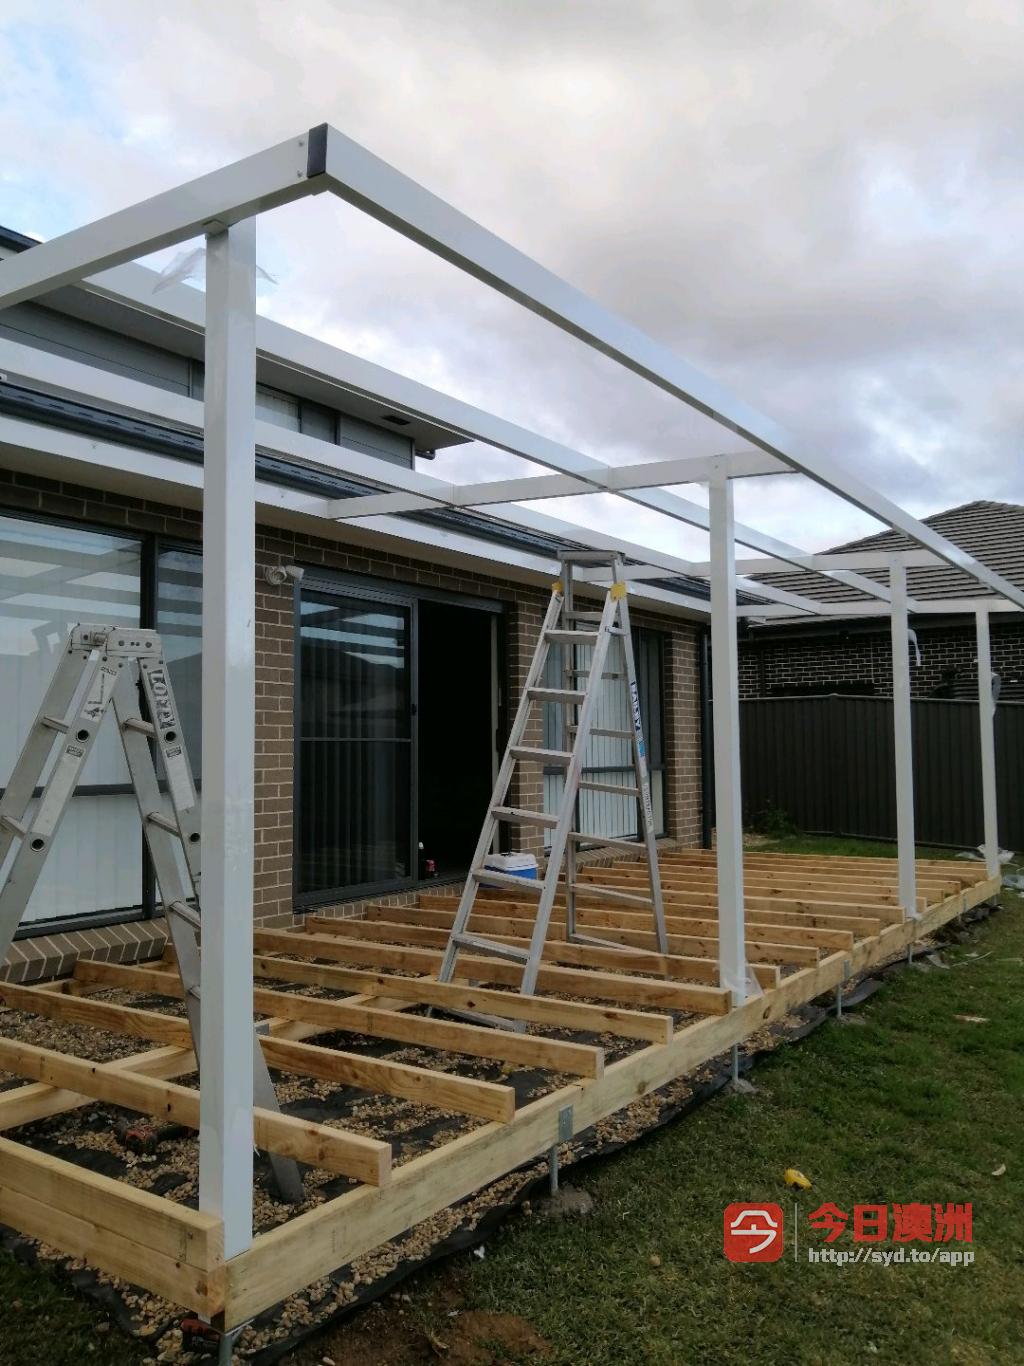 花园修剪整理设计施工专业围栏rence凉棚roof木平台decking